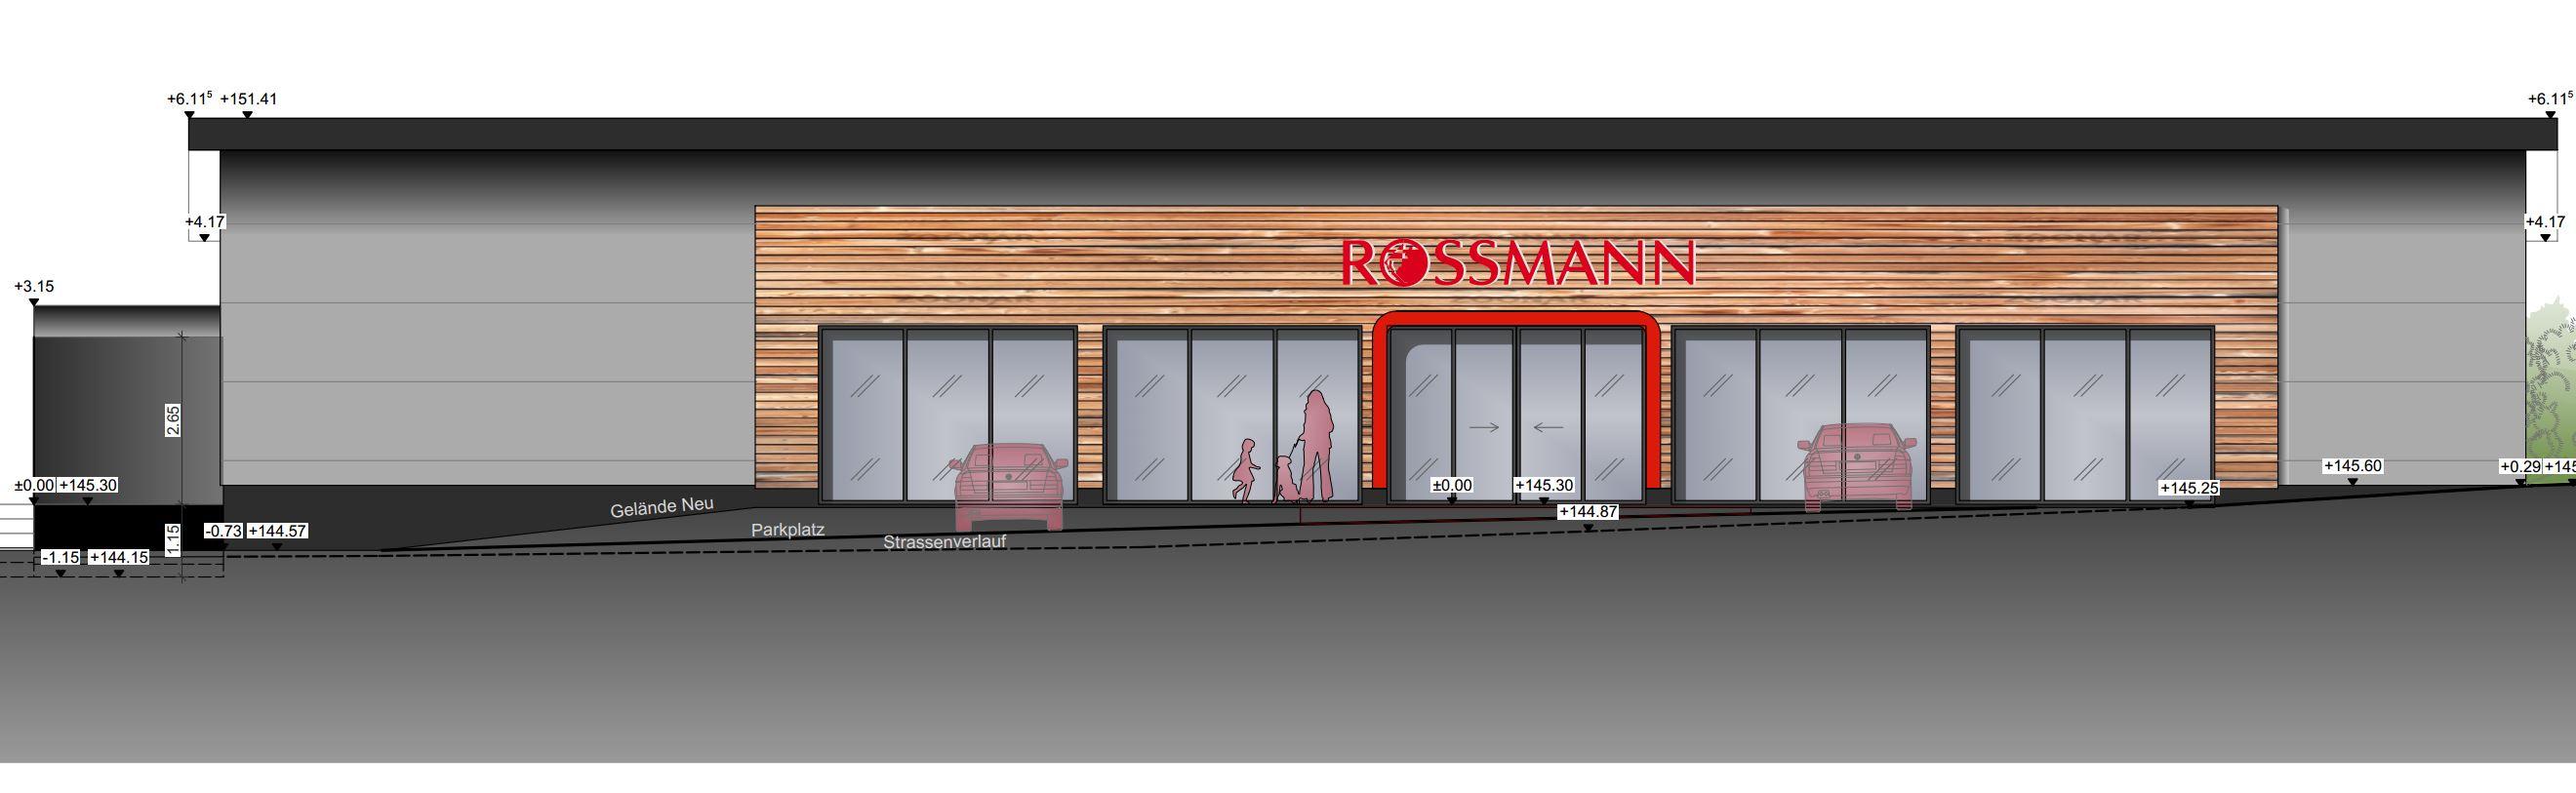 Rossmann Aachen